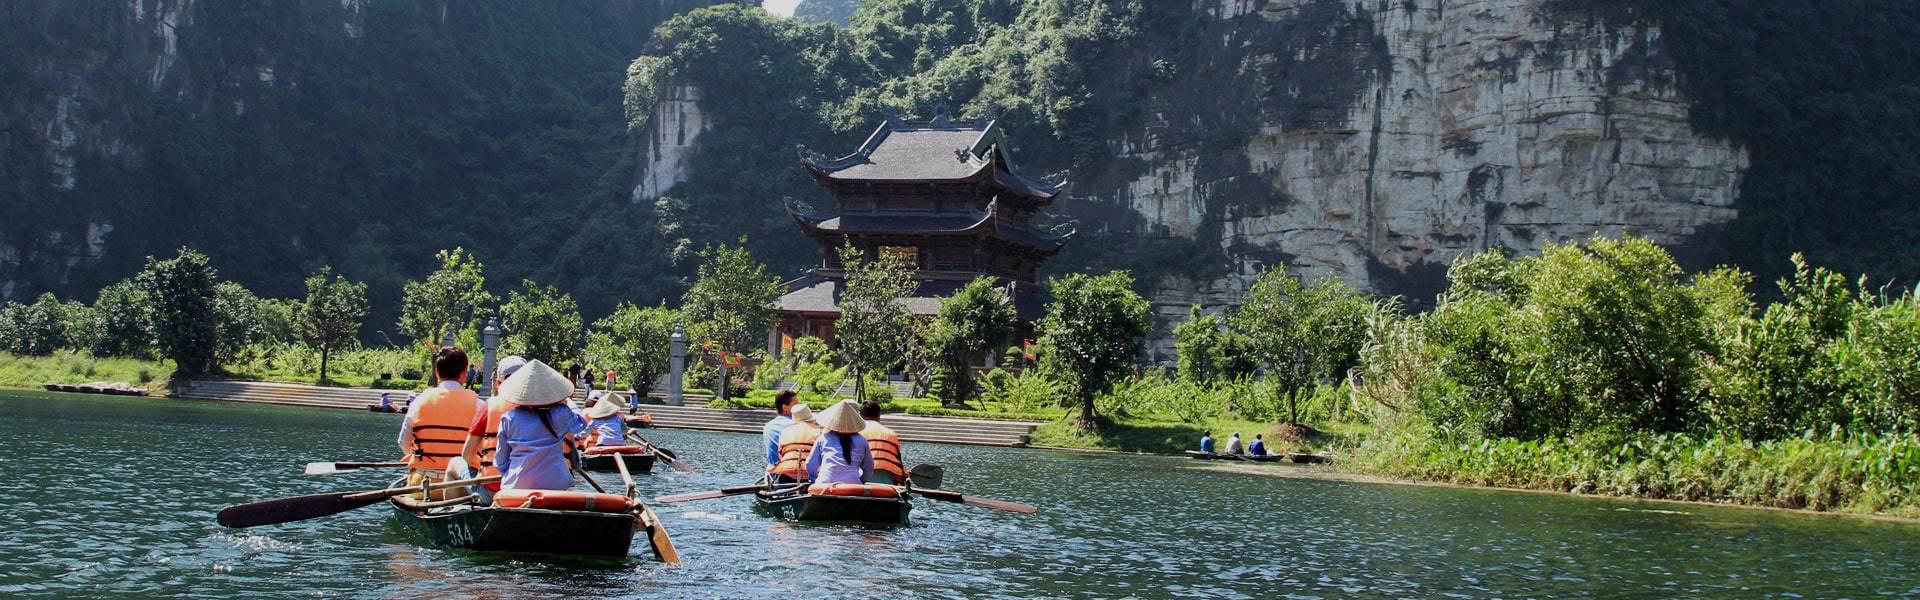 Những địa điểm du lịch hàng đầu Việt Nam